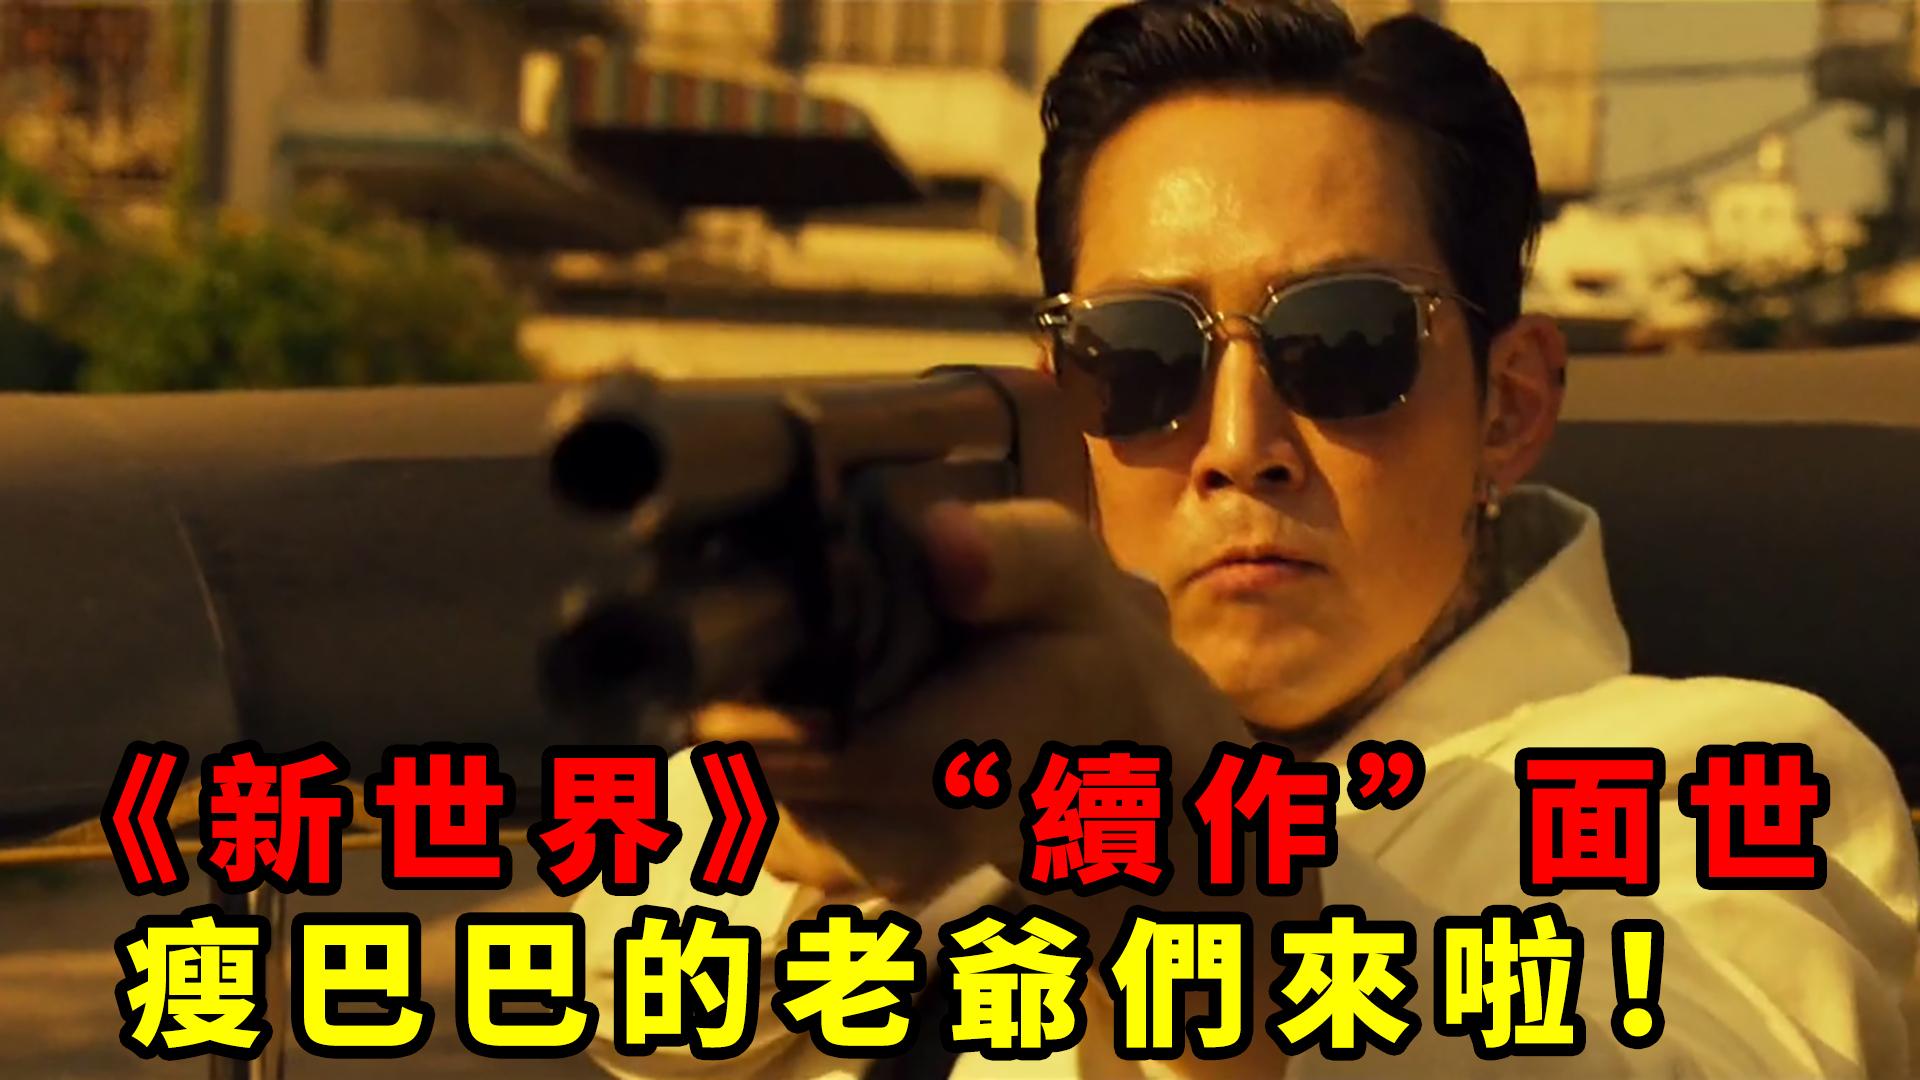 韩国最新票房冠军。2020年最爽的动作电影降到!《从邪恶中拯救我》。新世界的双男主终于再次合作